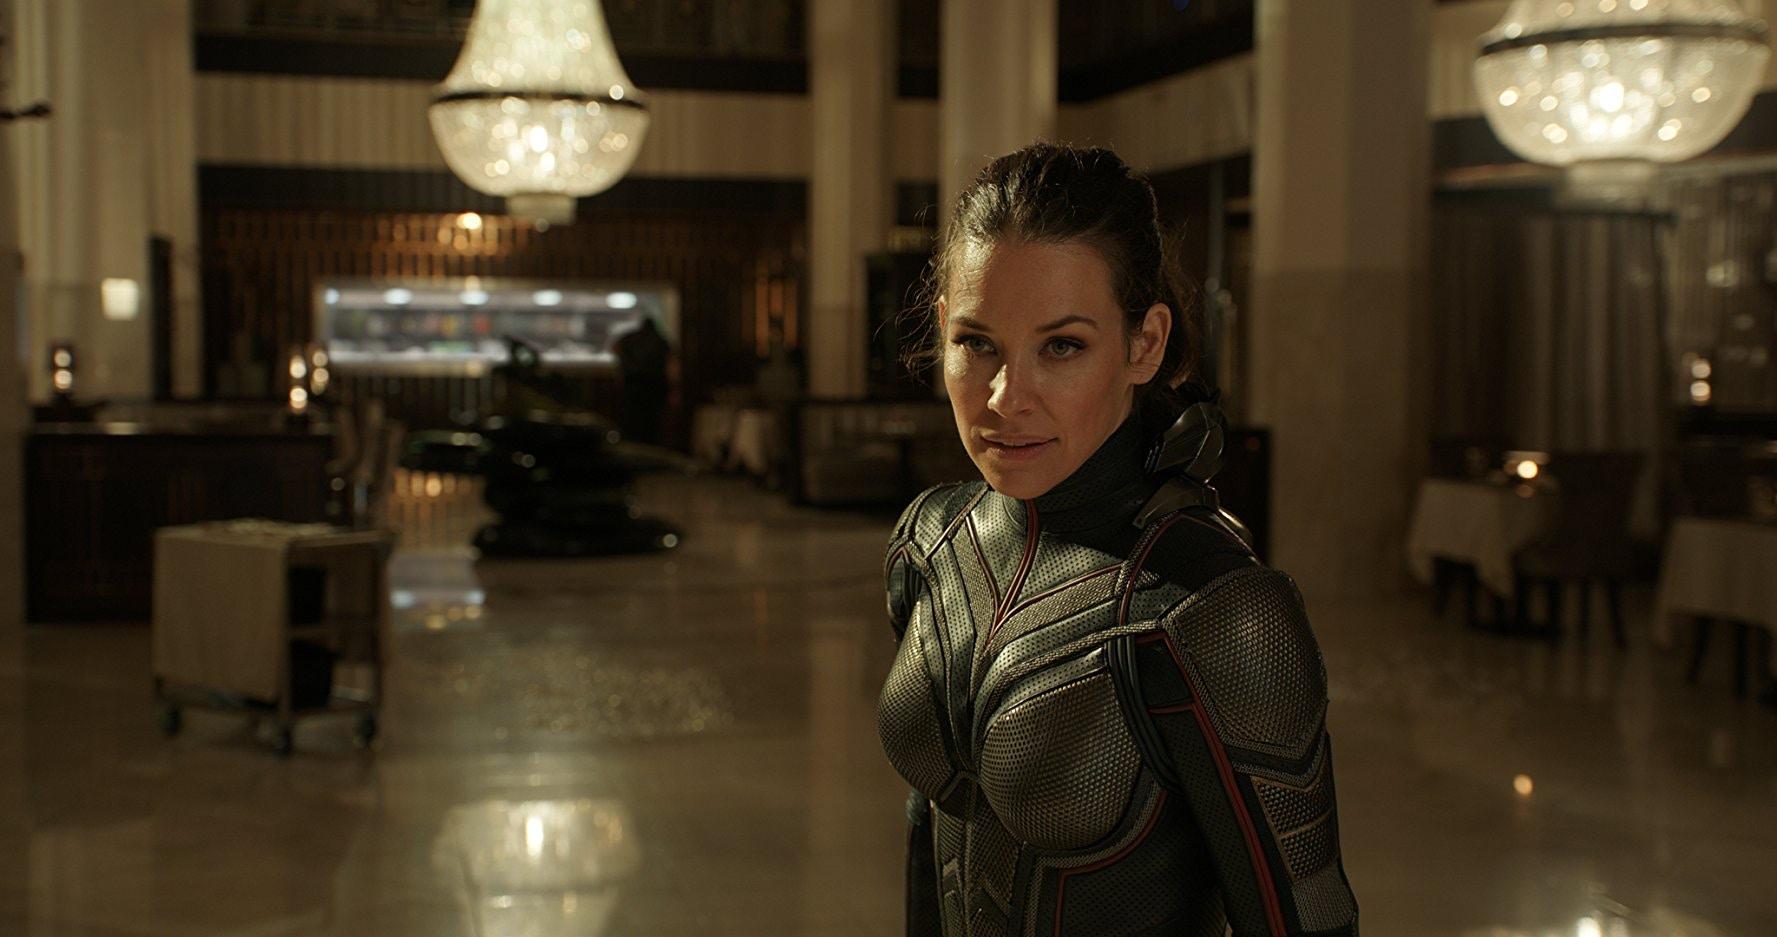 2018 年的漫威超級英雄電影《蟻人與黃蜂女》中,由伊凡潔琳莉莉飾演的黃蜂女。